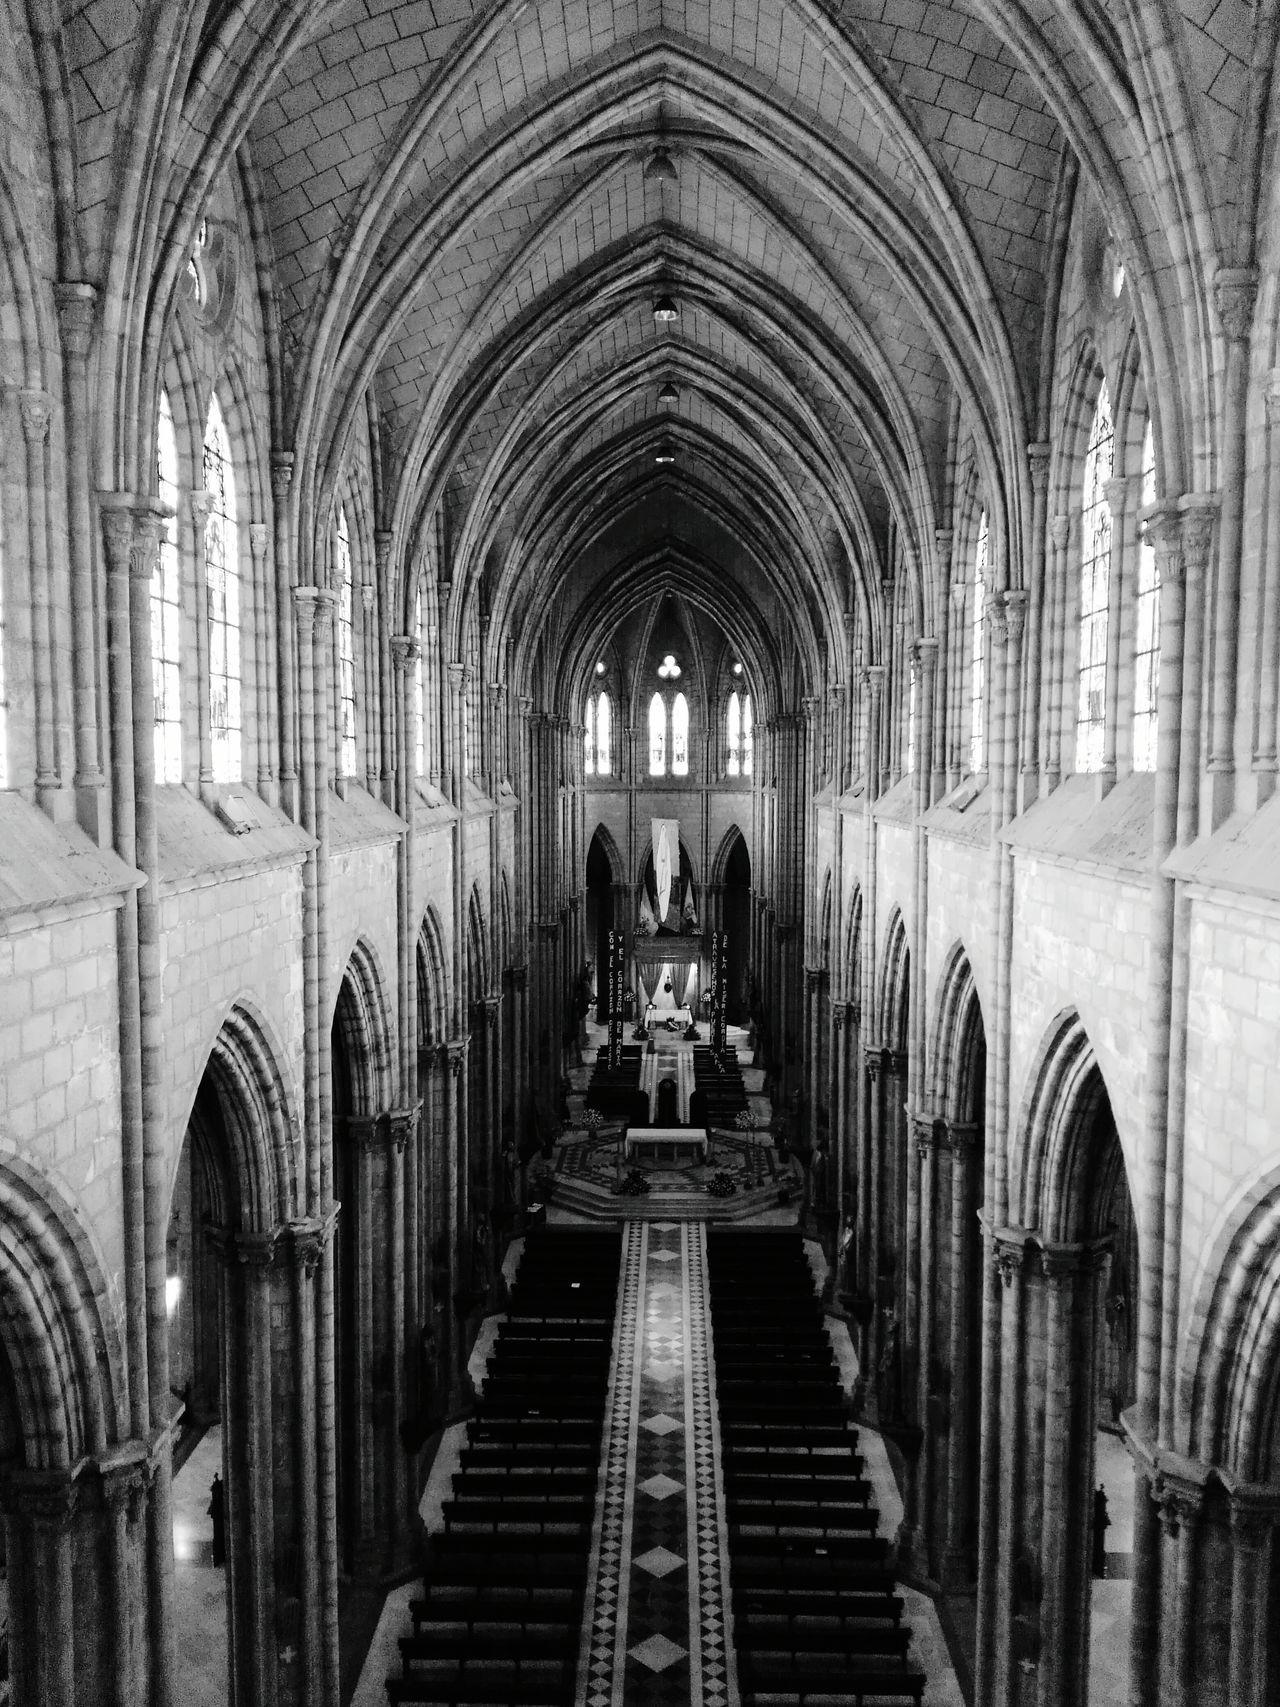 Architecture Arch Indoors  Built Structure Quito Basilica Quito Ecuador Travel Destinations Cathedral